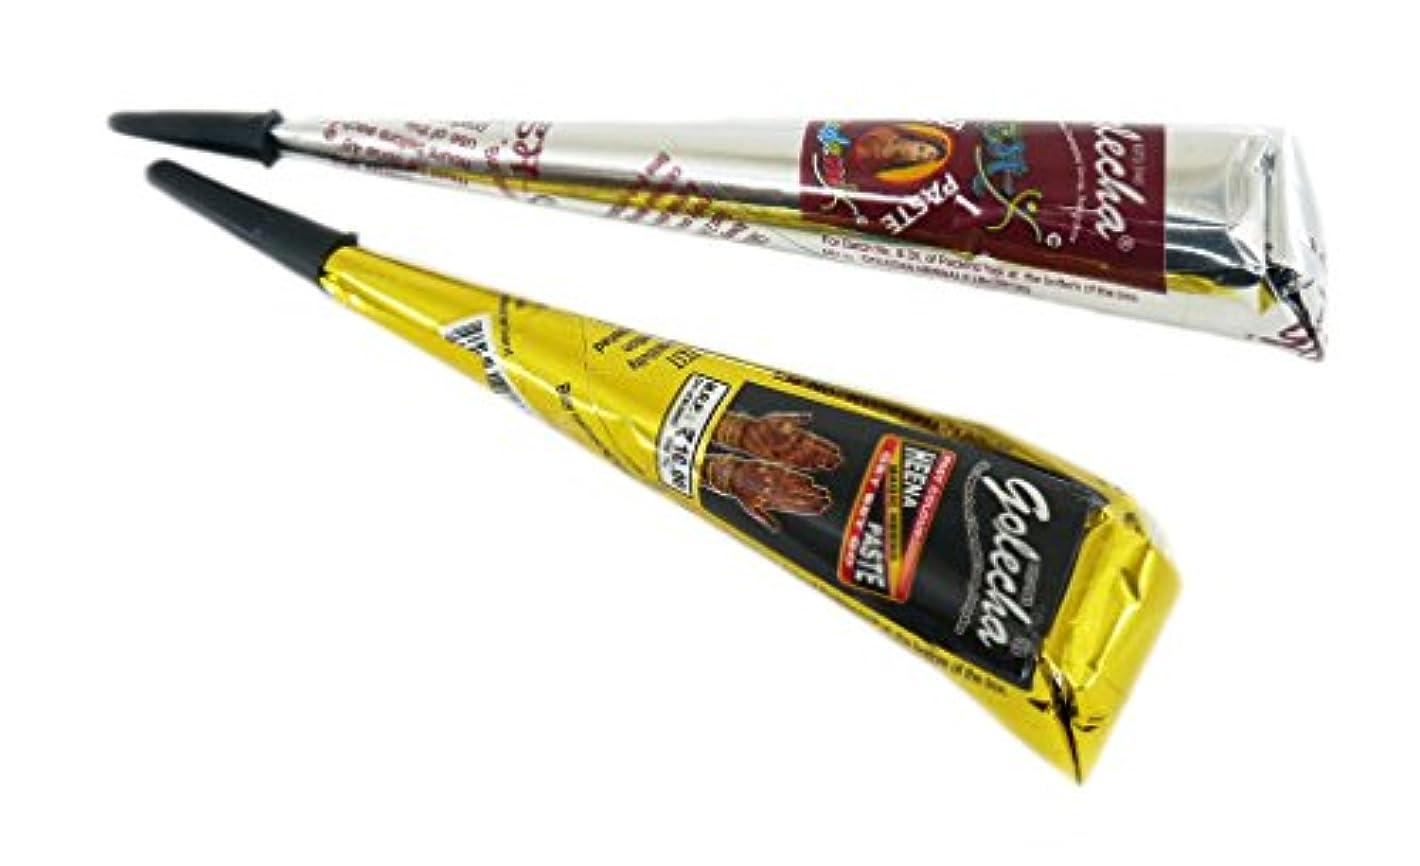 こっそり買い手マルコポーロヘナ タトゥー用 二色セット 一時的な刺青 ブラック オレンジ ヘナ タトゥーペースト 長持ち一週間 チューブタイプ henna タトゥーペン